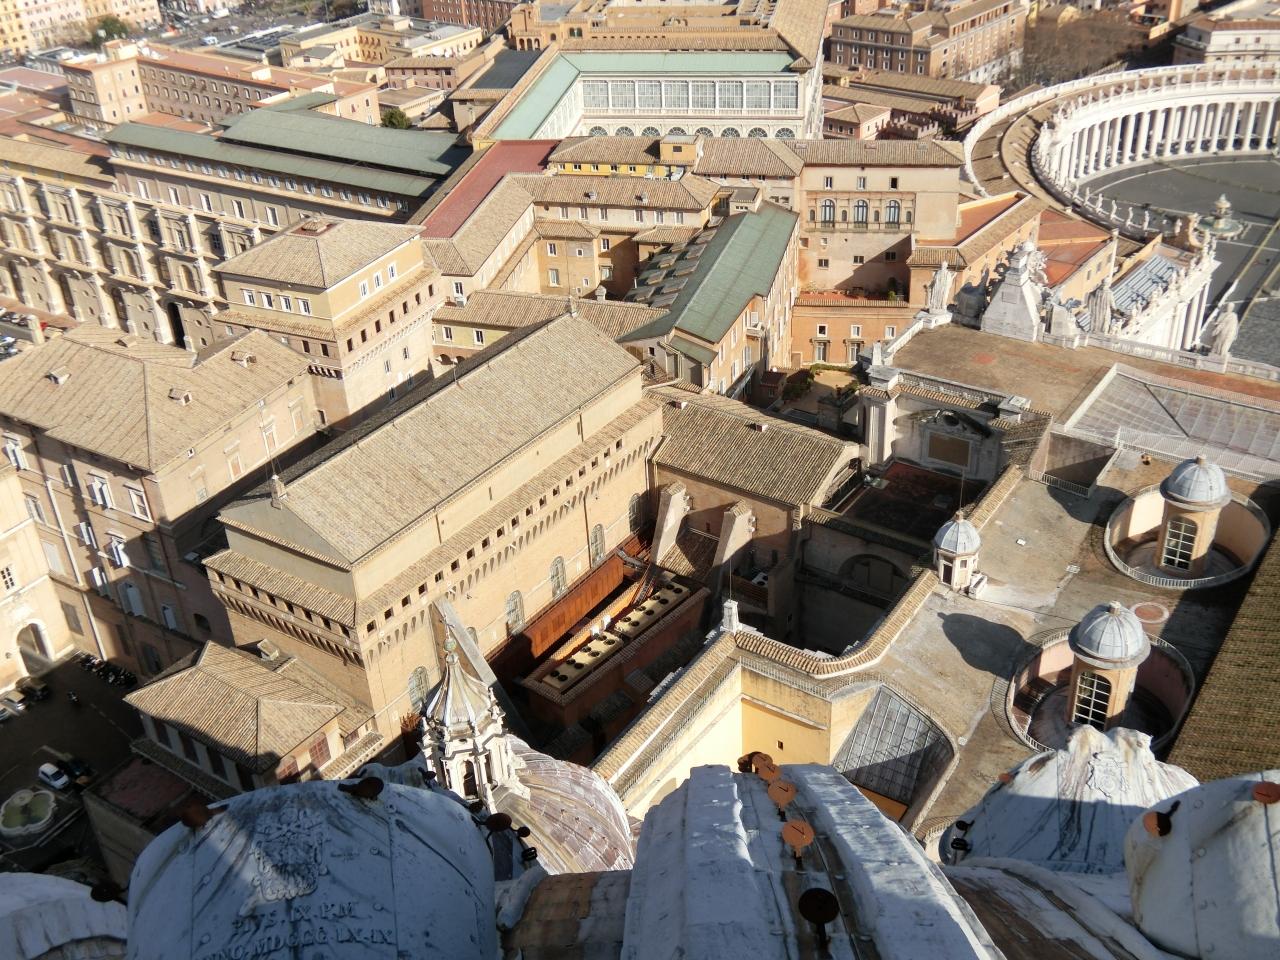 バチカン宮殿の画像 p1_26